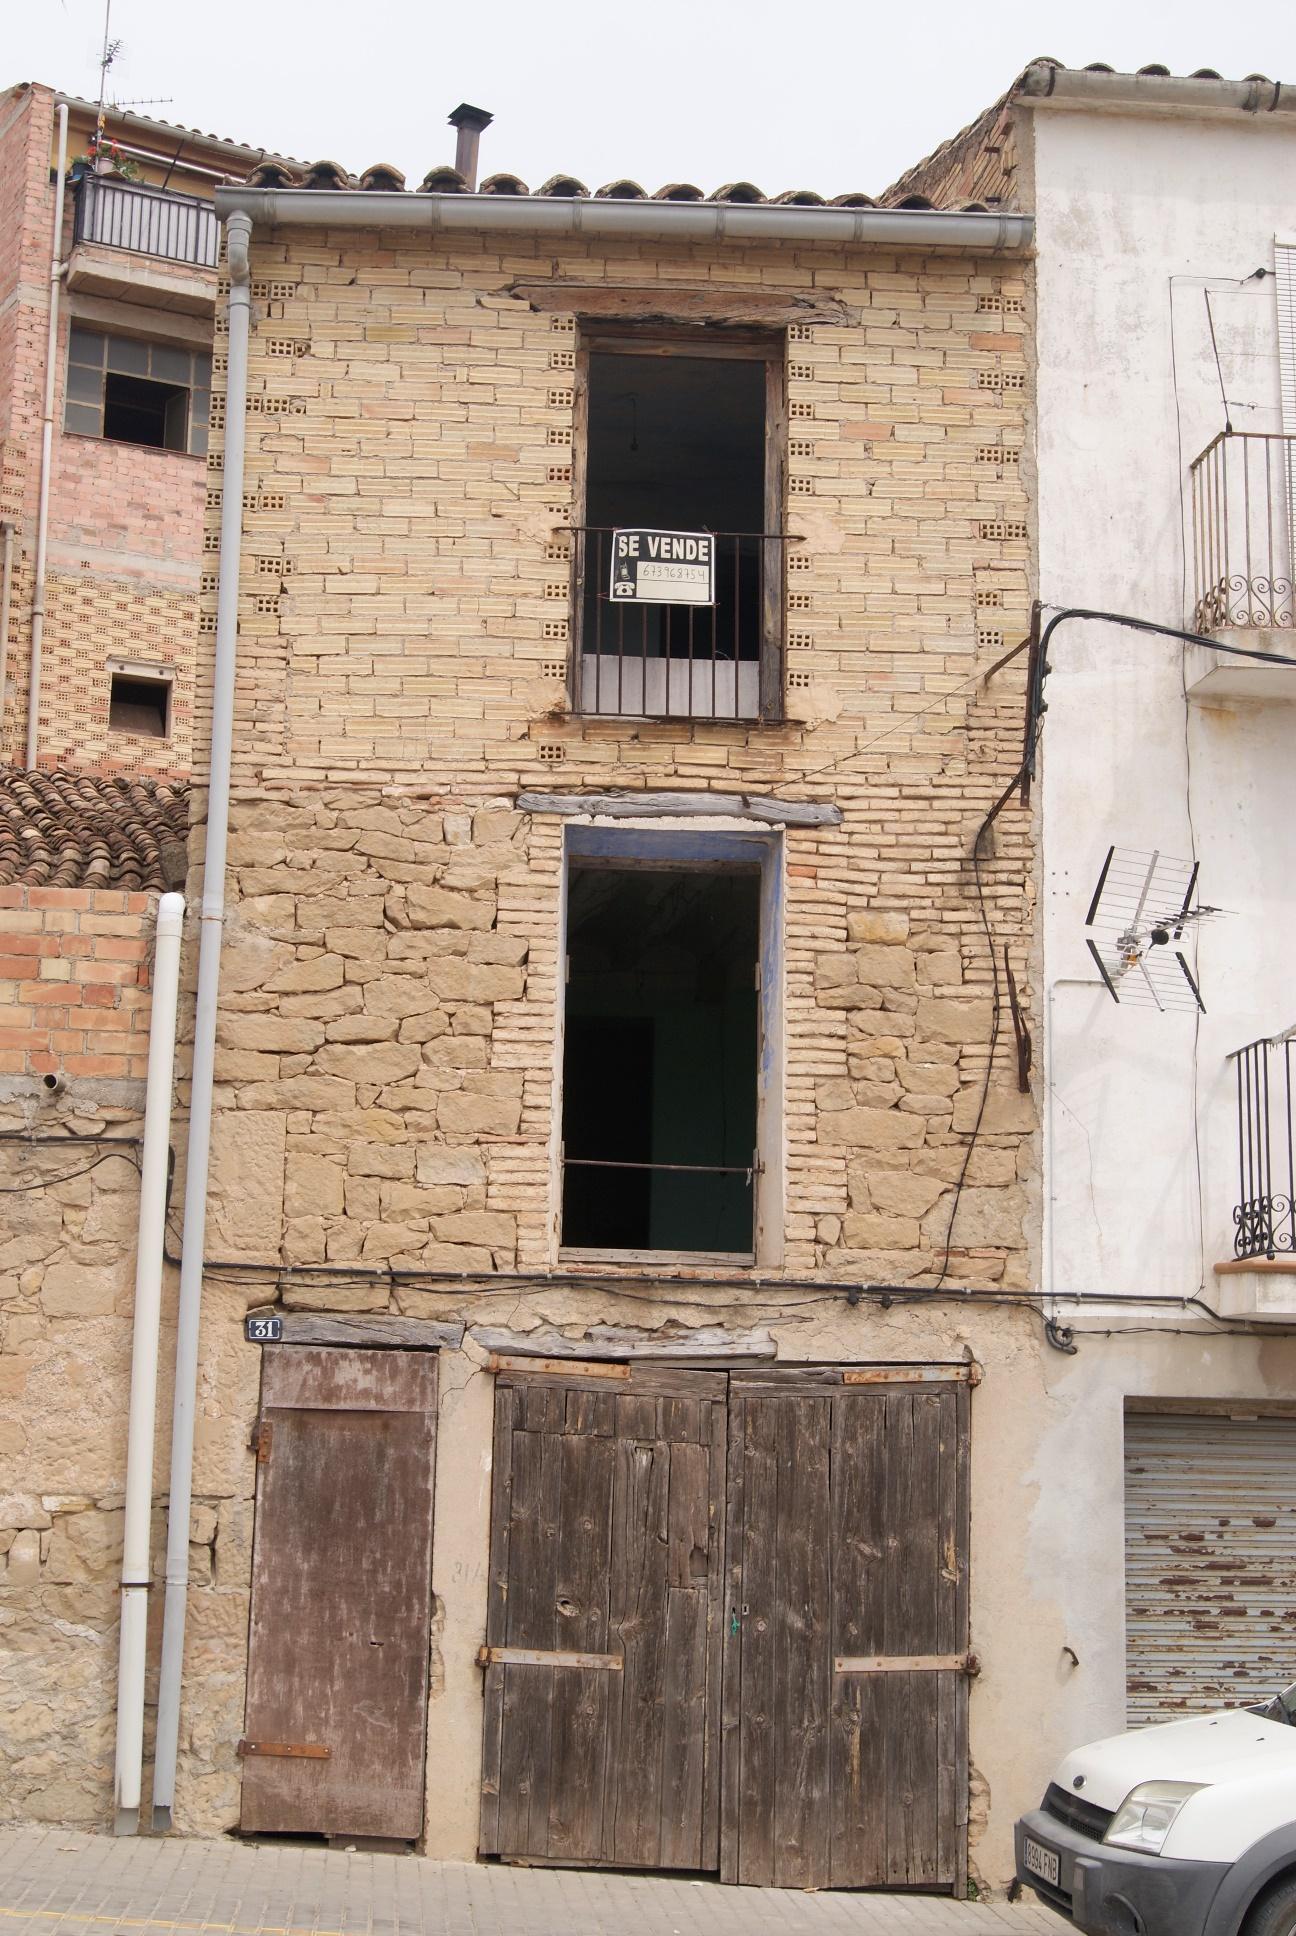 HORTA DE DANT jOAN, ,Casa de Poble,Urbana,HORTA DE DANT jOAN,1167